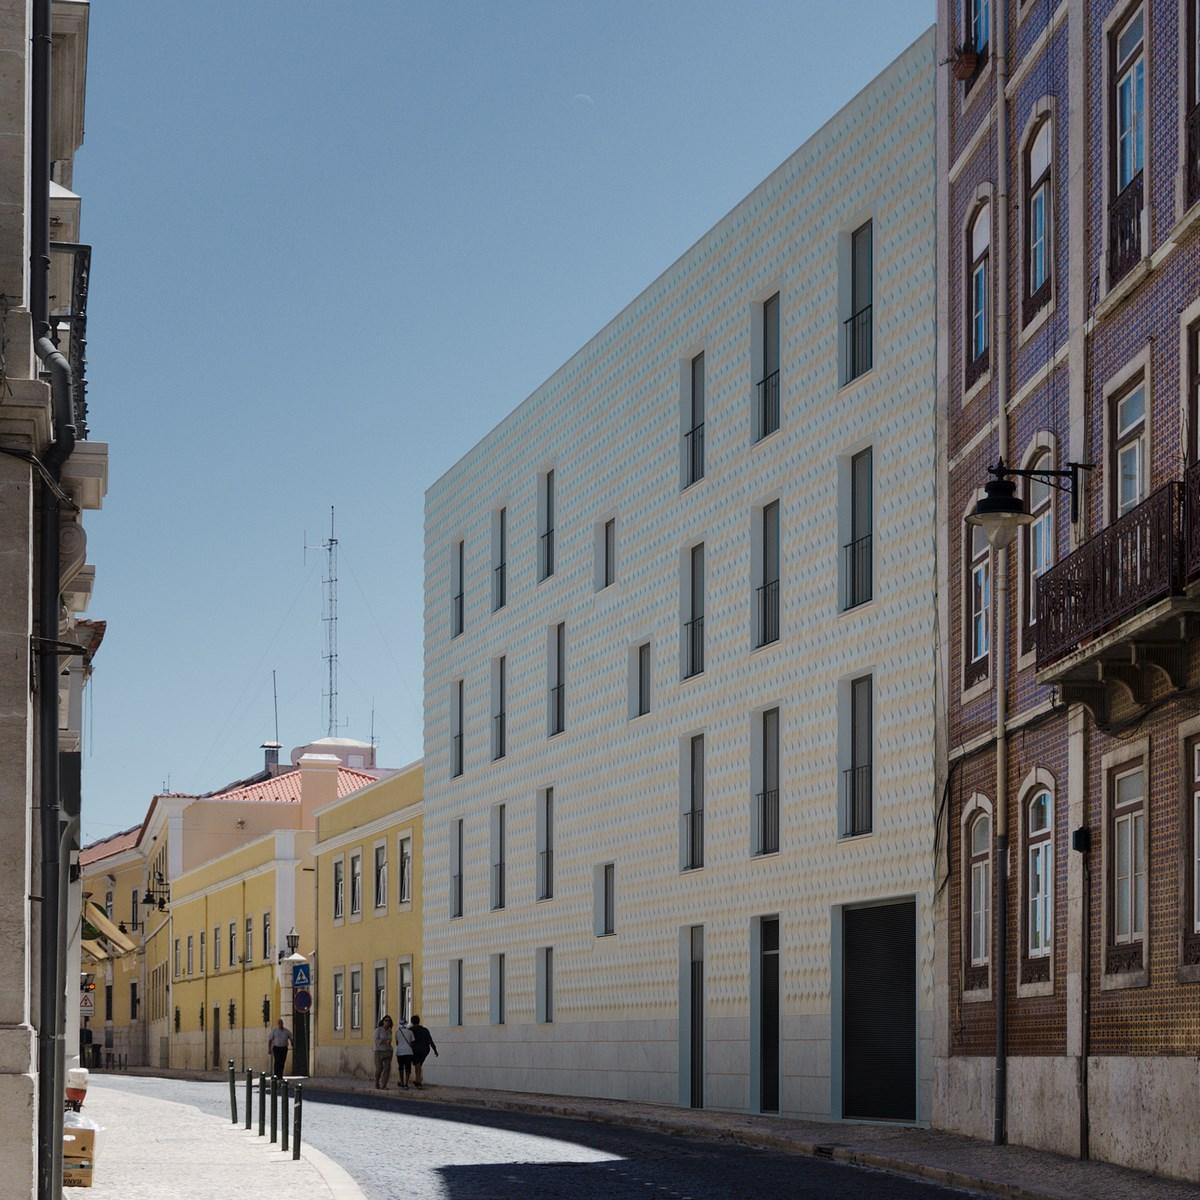 Presidente Arriaga Building